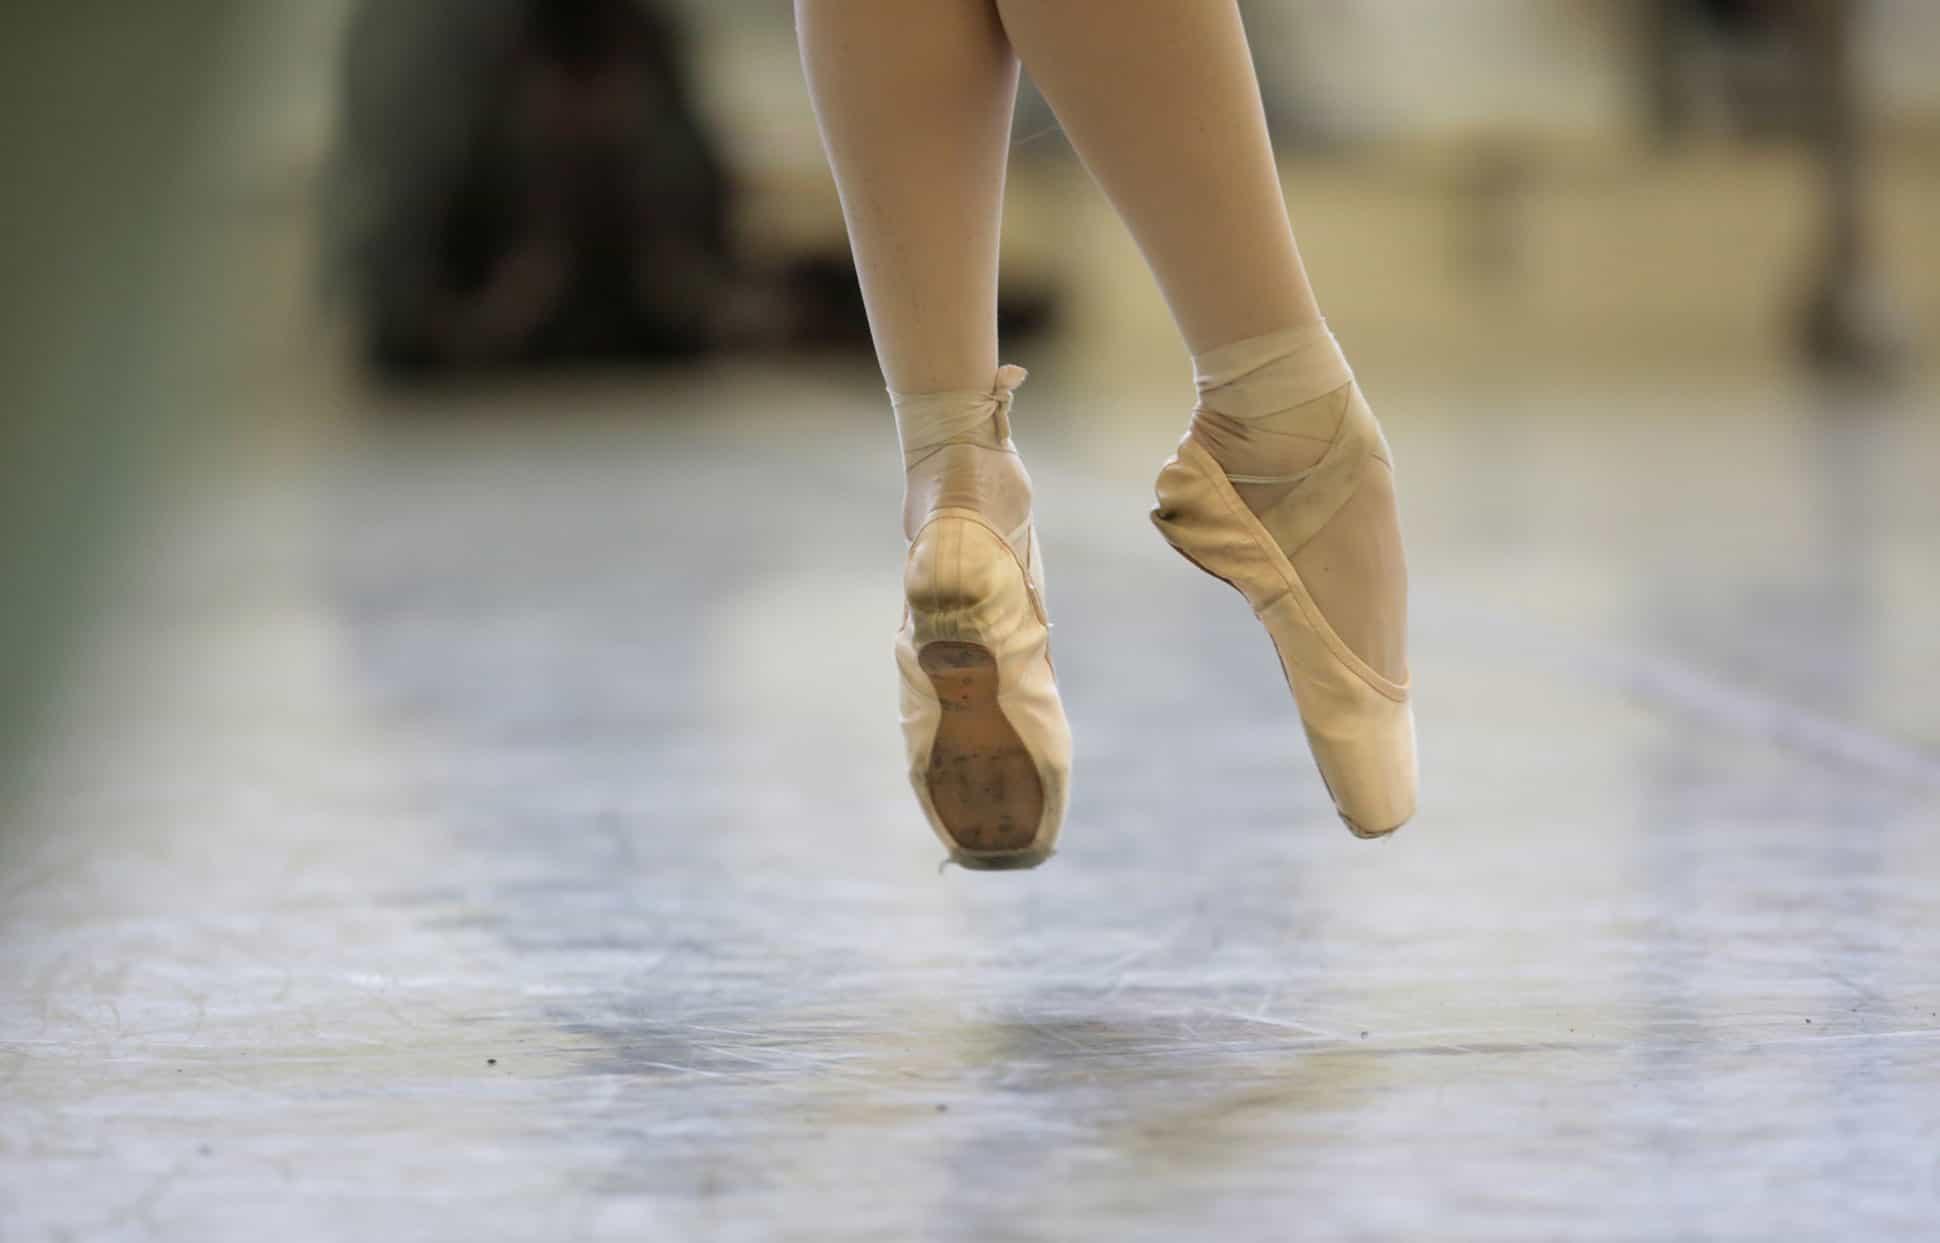 resistir-el-dolor-sin-quejarse-asi-es-el-mundo-del-ballet 2